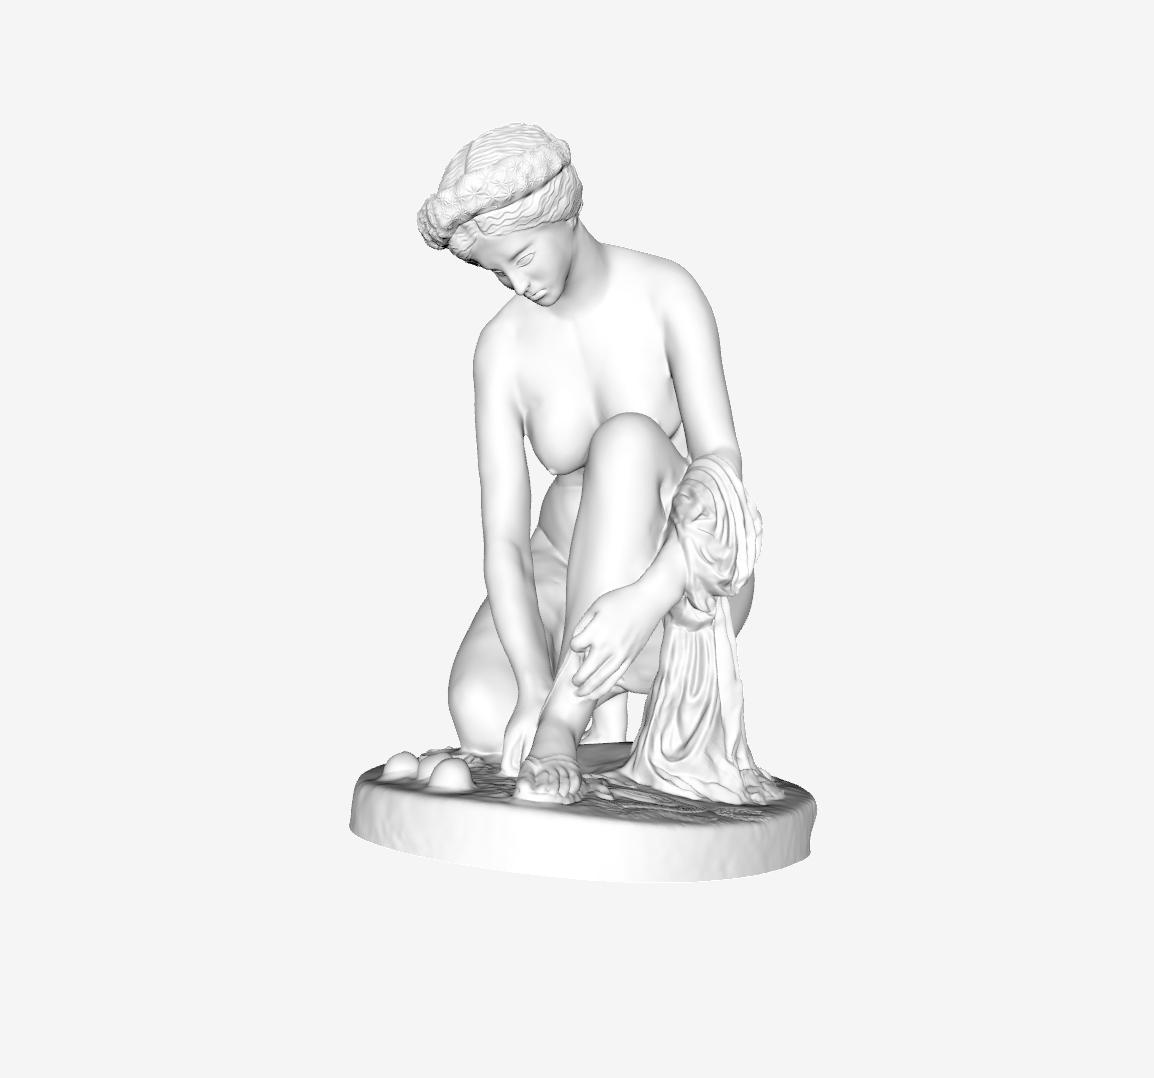 Capture d'écran 2018-09-21 à 10.41.34.png Download free STL file Artemis at The Louvre, Paris • 3D printing design, Louvre